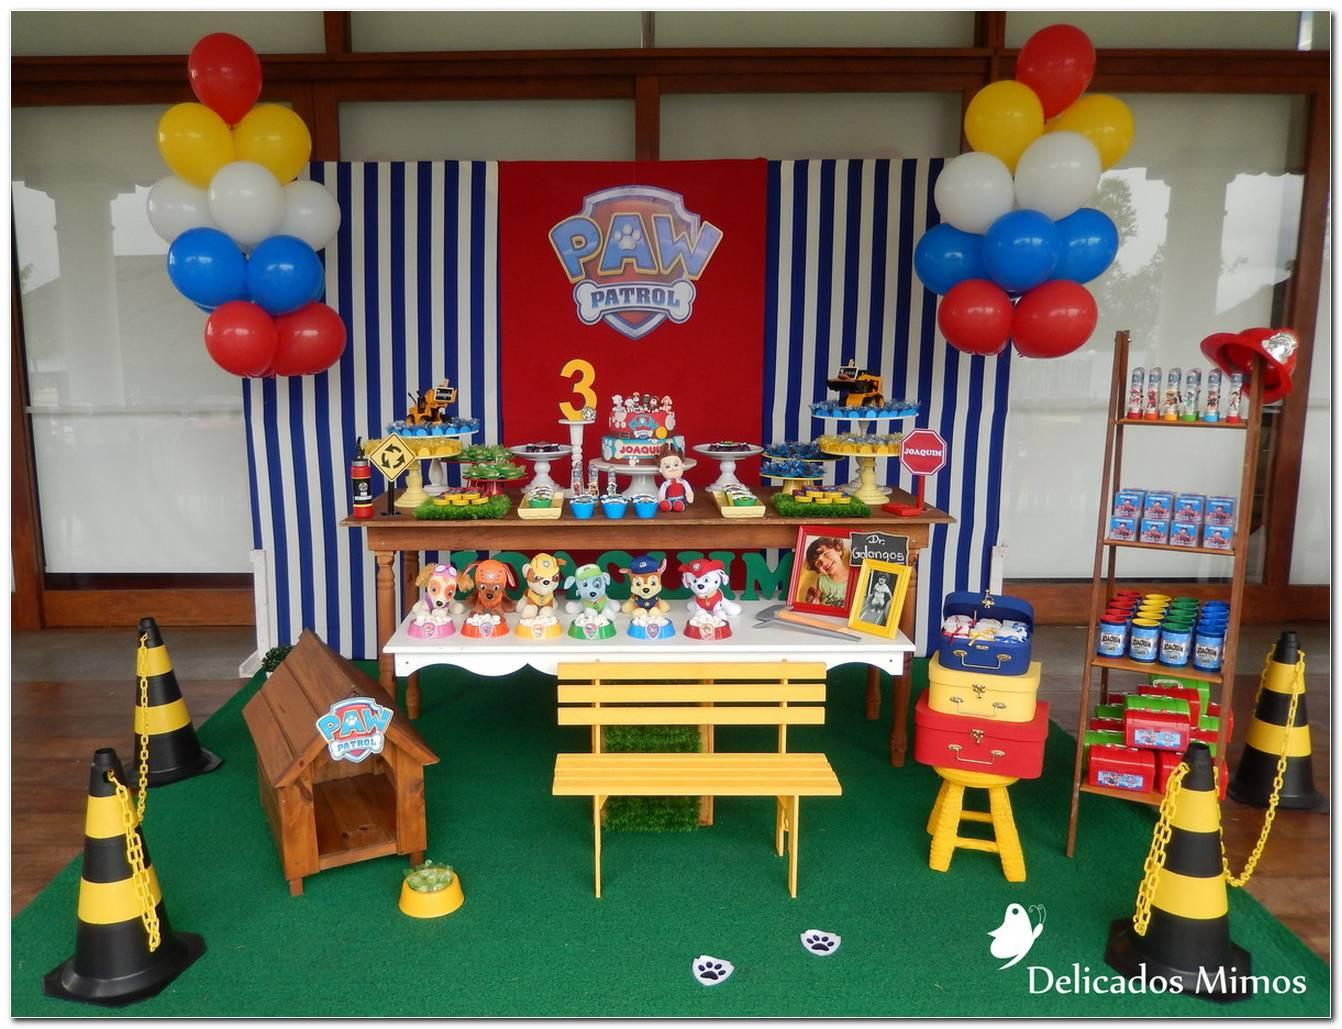 Decoração Patrulha Canina Festa Infantil